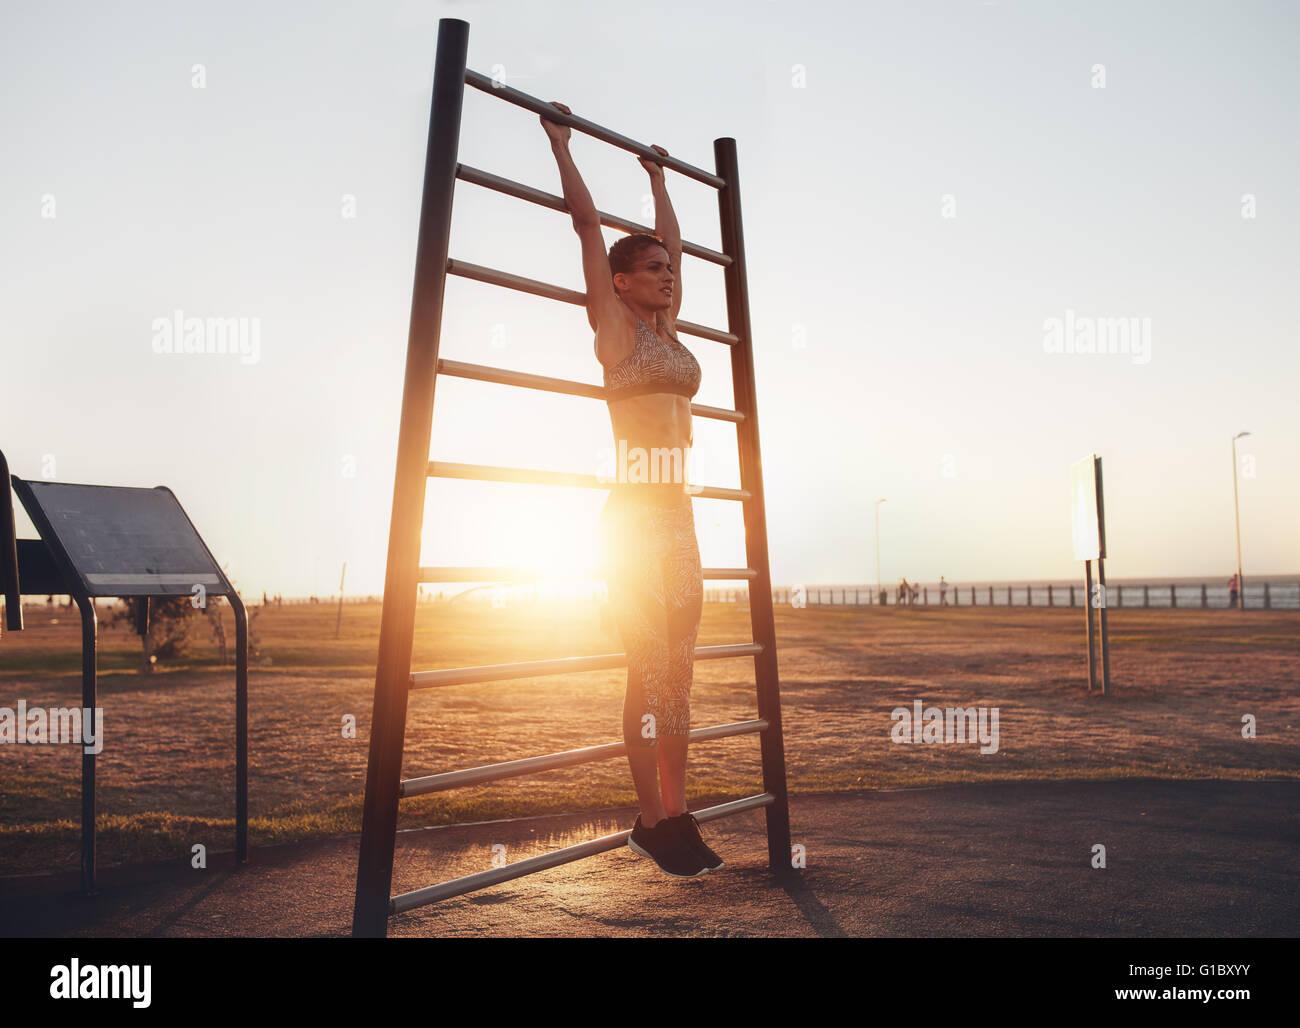 Disparo de longitud completa de monte joven en ropa deportiva el ejercicio en barras de pared exterior durante la Imagen De Stock